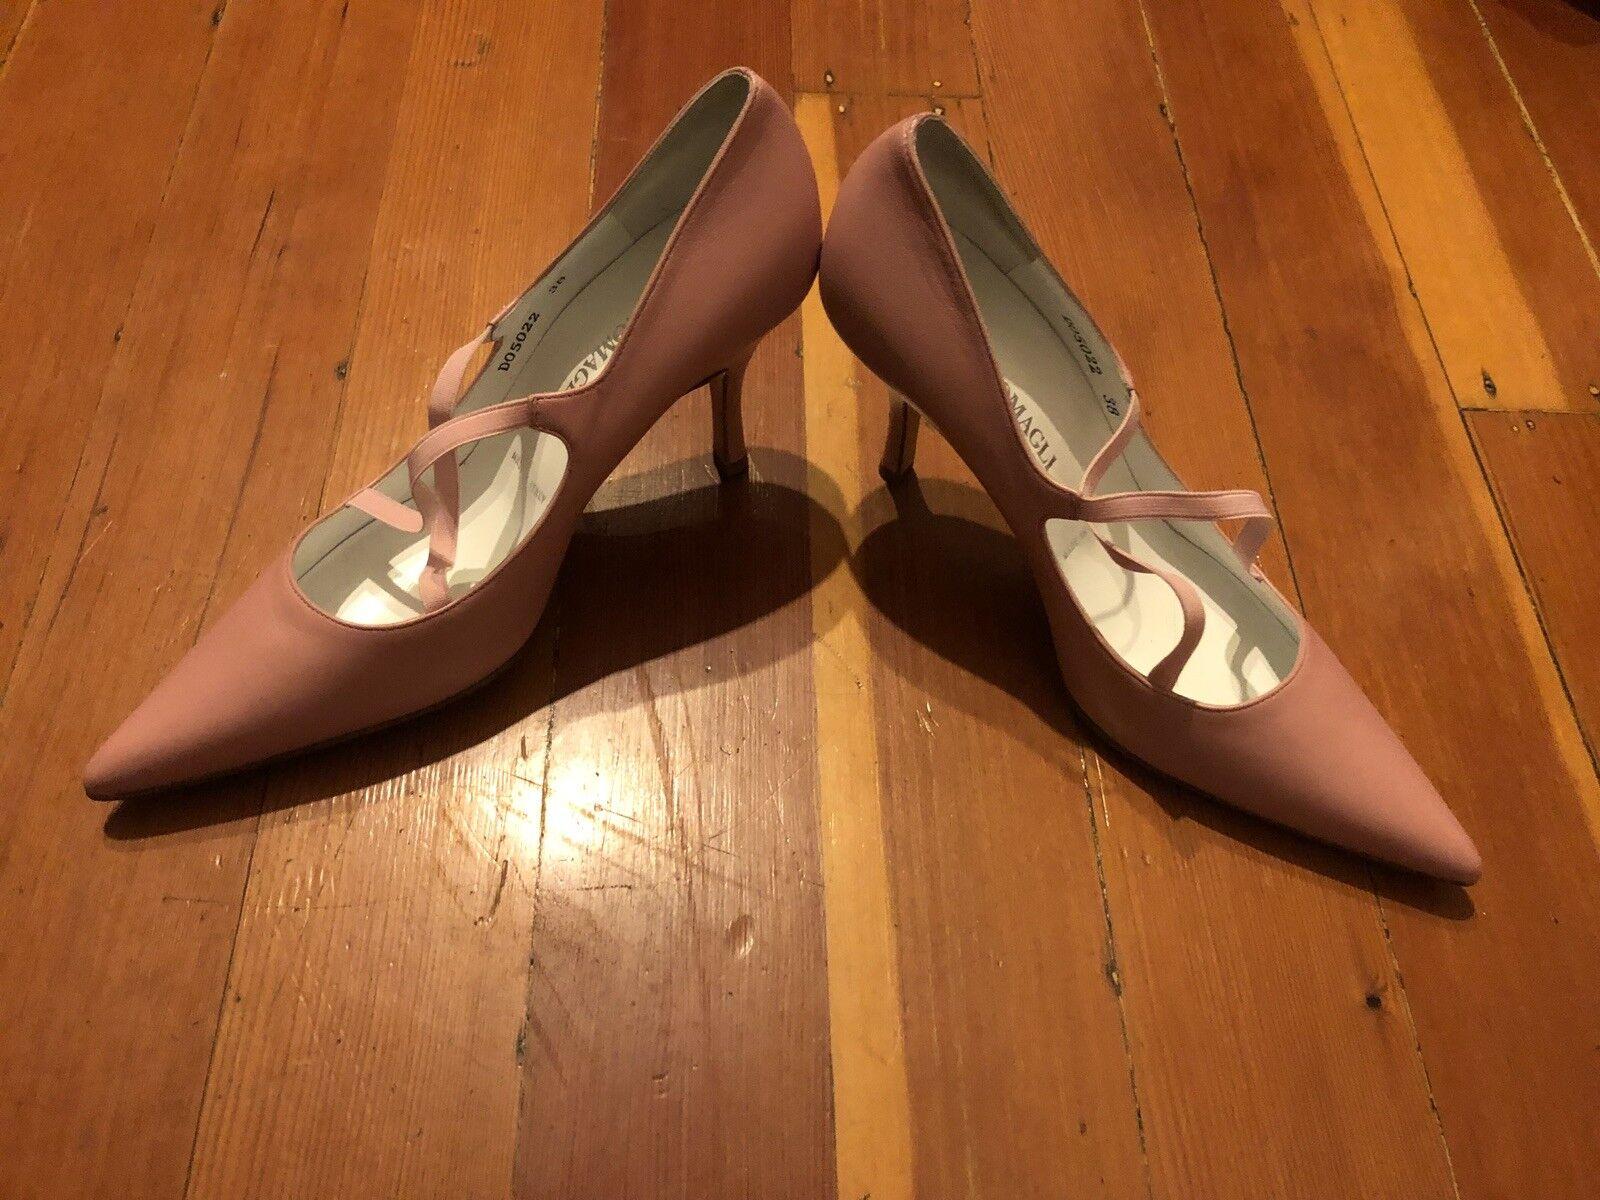 Bruno Magli Rosa Pointed High Heel Stiletto Pumps Elastic Heels Heels Heels Sz 38 EU 8 US 1d0ad2